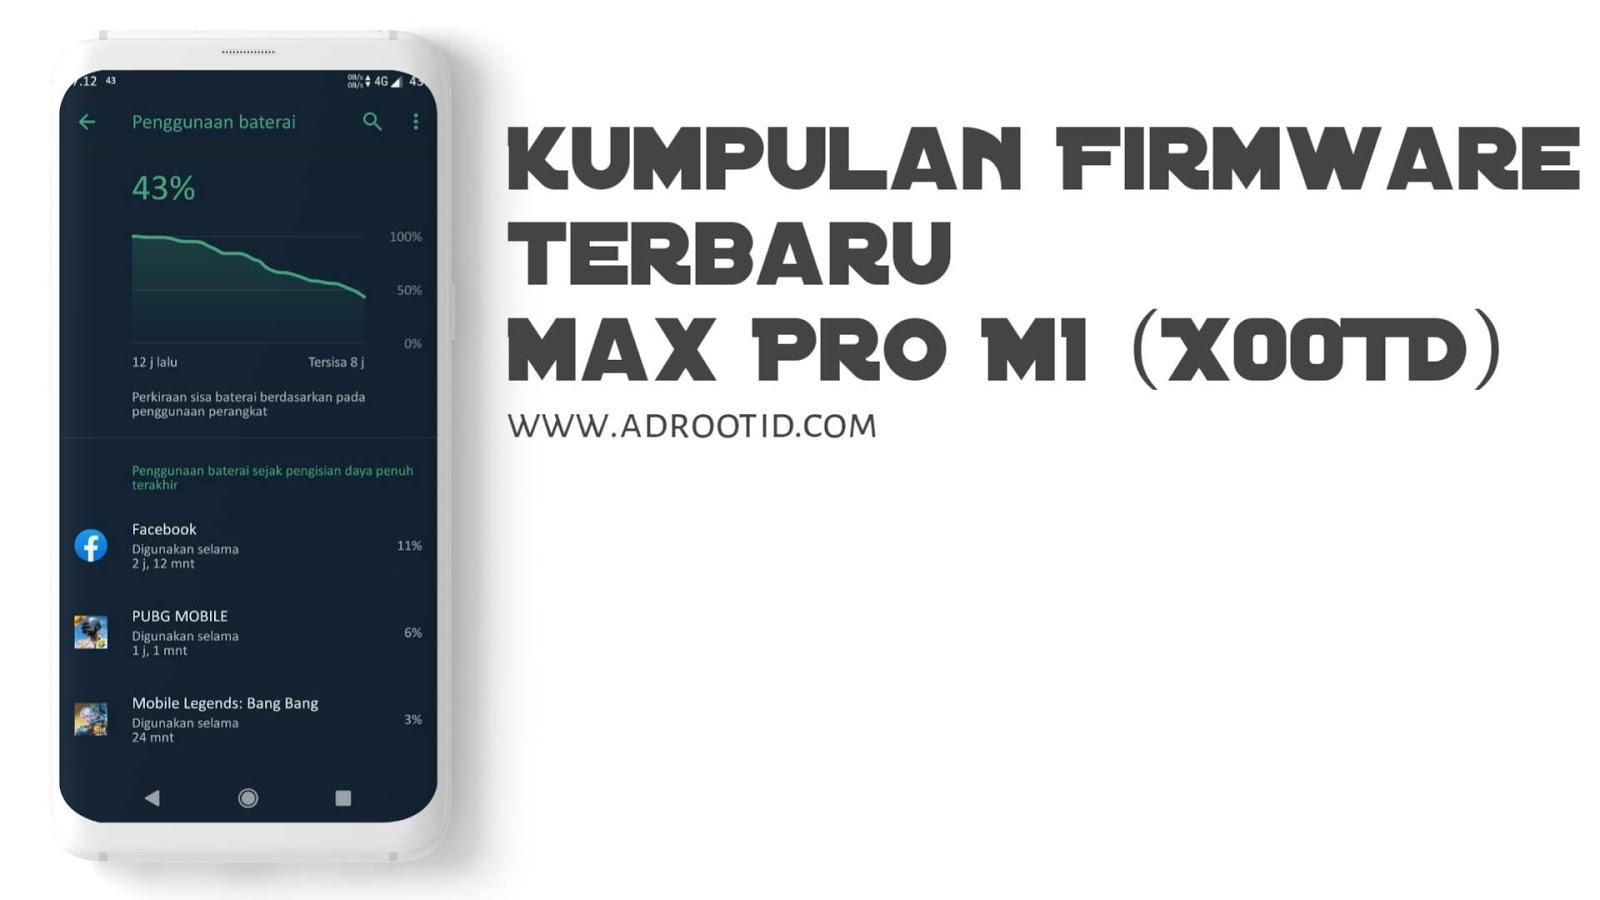 Latest firmware max pro m1